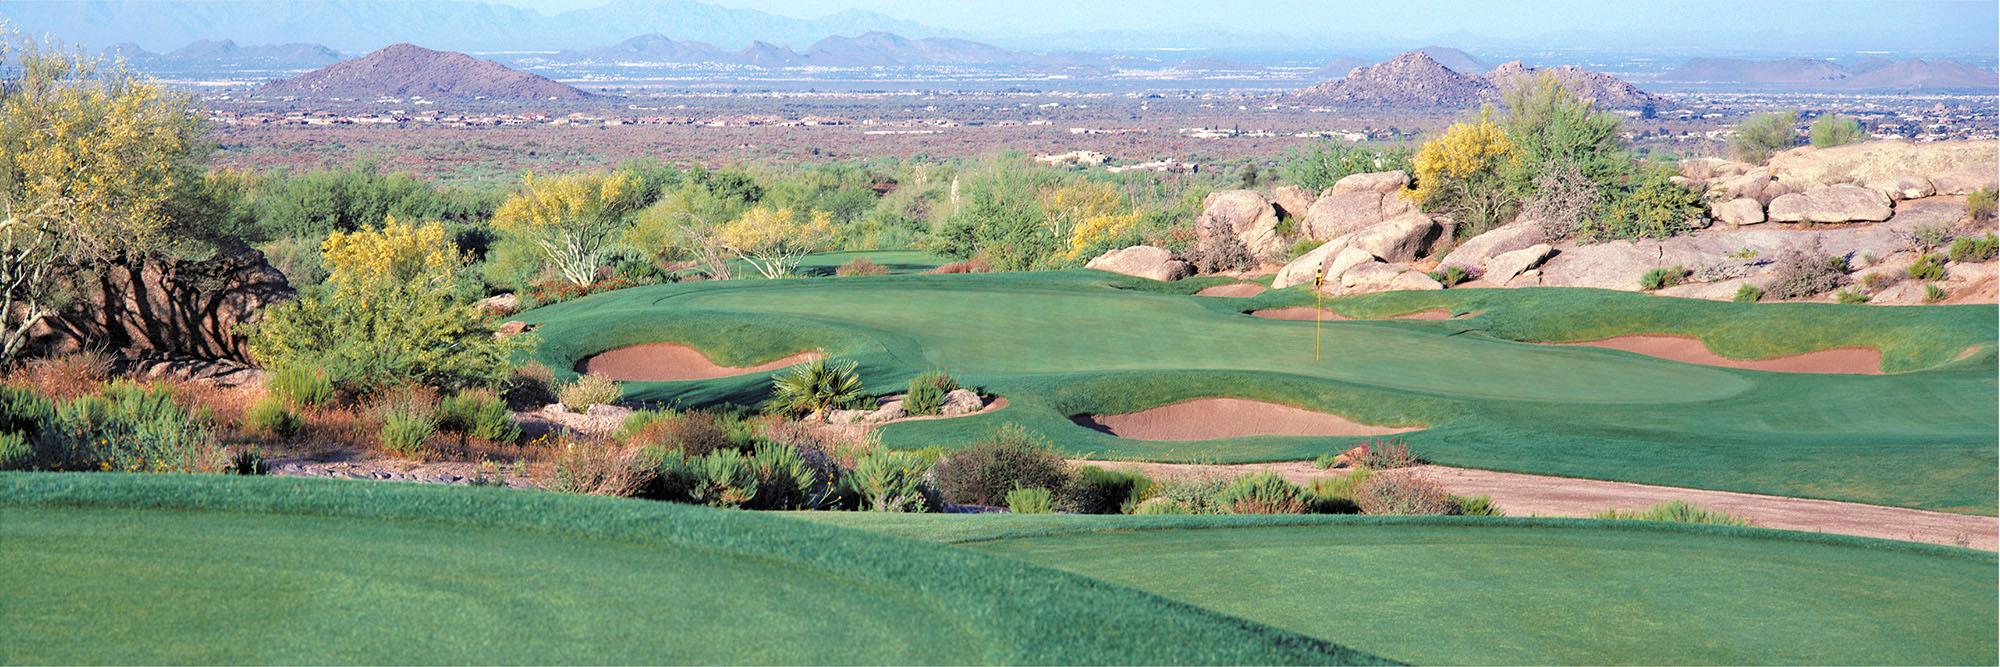 Golf Course Image - Desert Mountain Apache No. 3